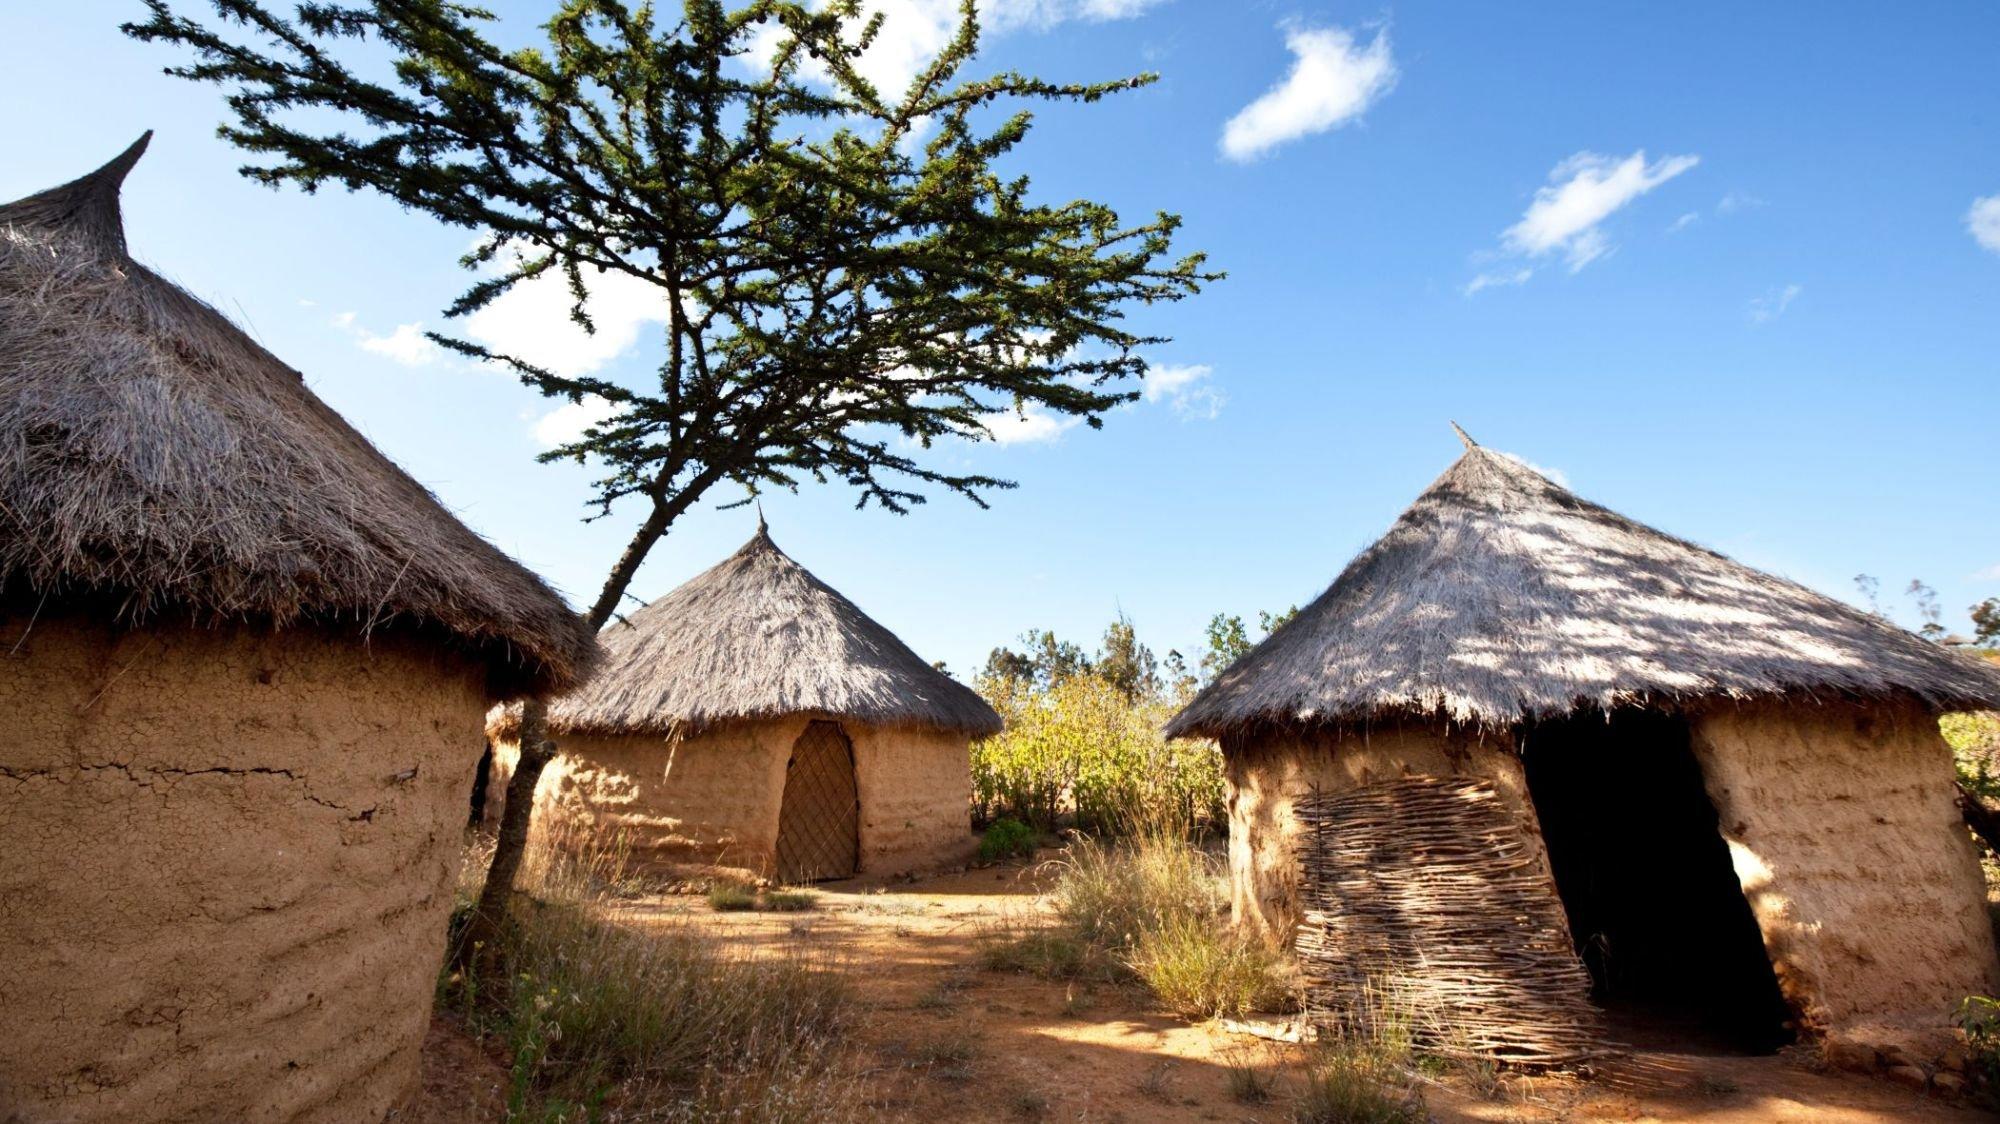 Hvordan kan teknologien hjælpe til at styrke menneskers liv i en landsby som denne?